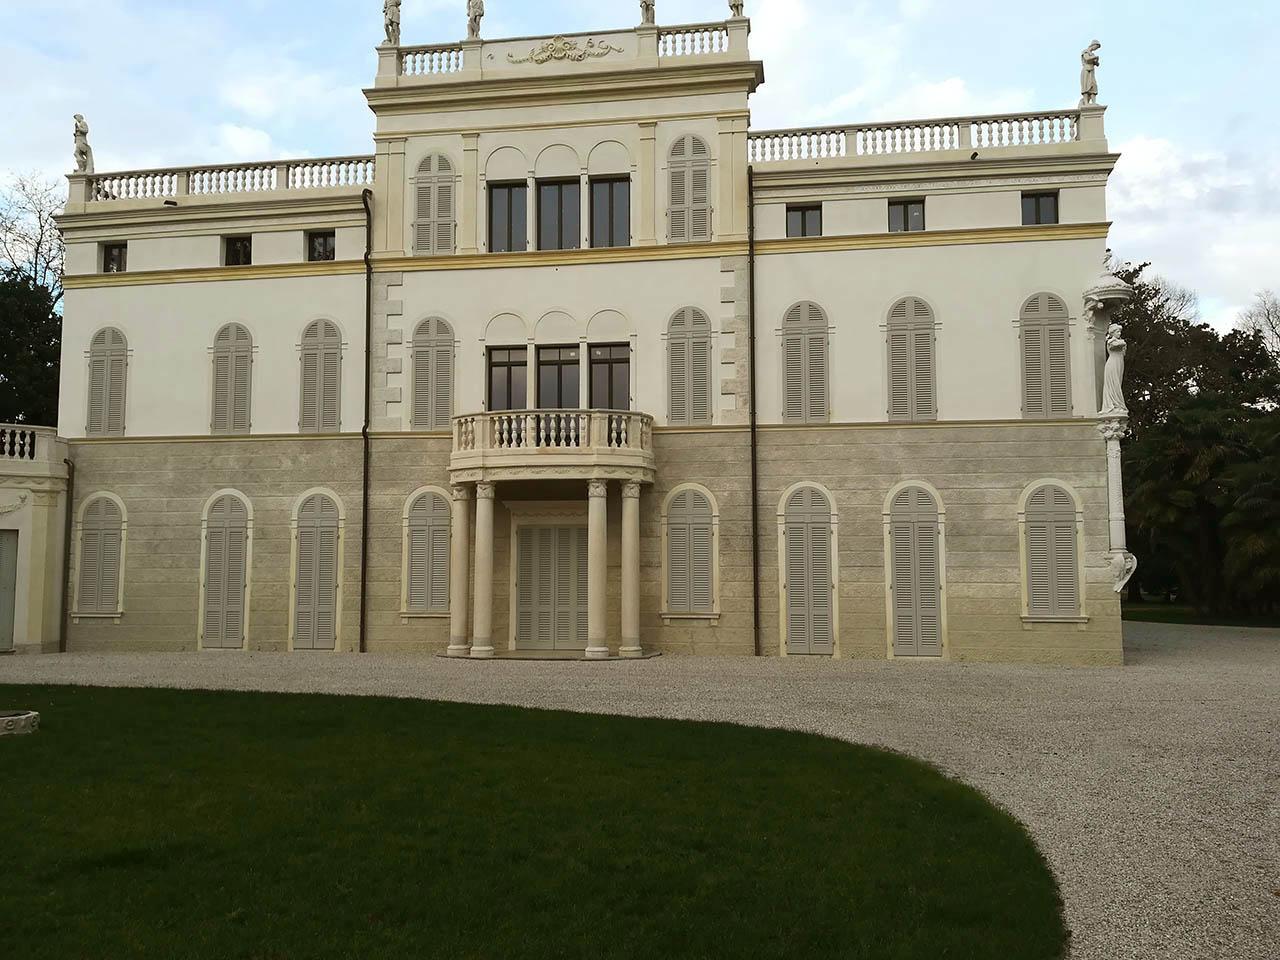 pavimentazione giardino Villa Gritti venezia